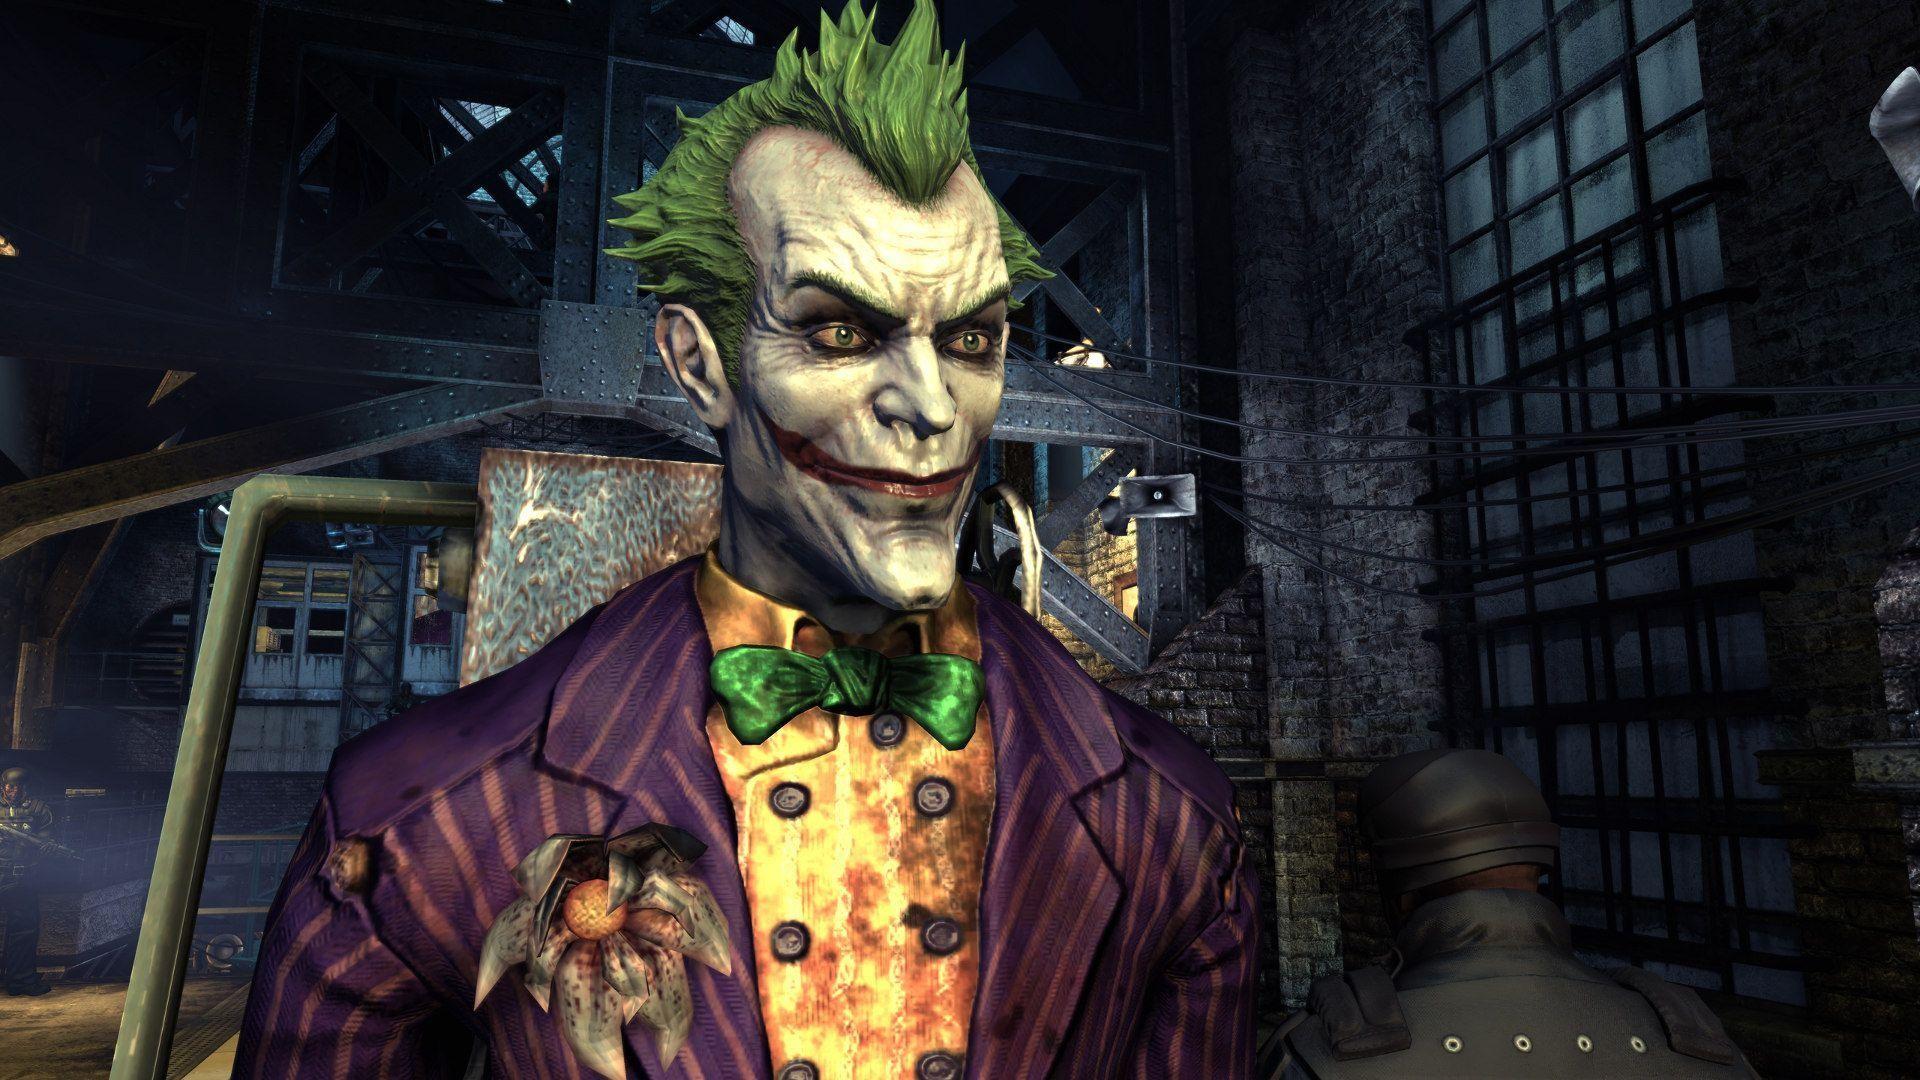 Scary Joker Wallpaper 54+ images